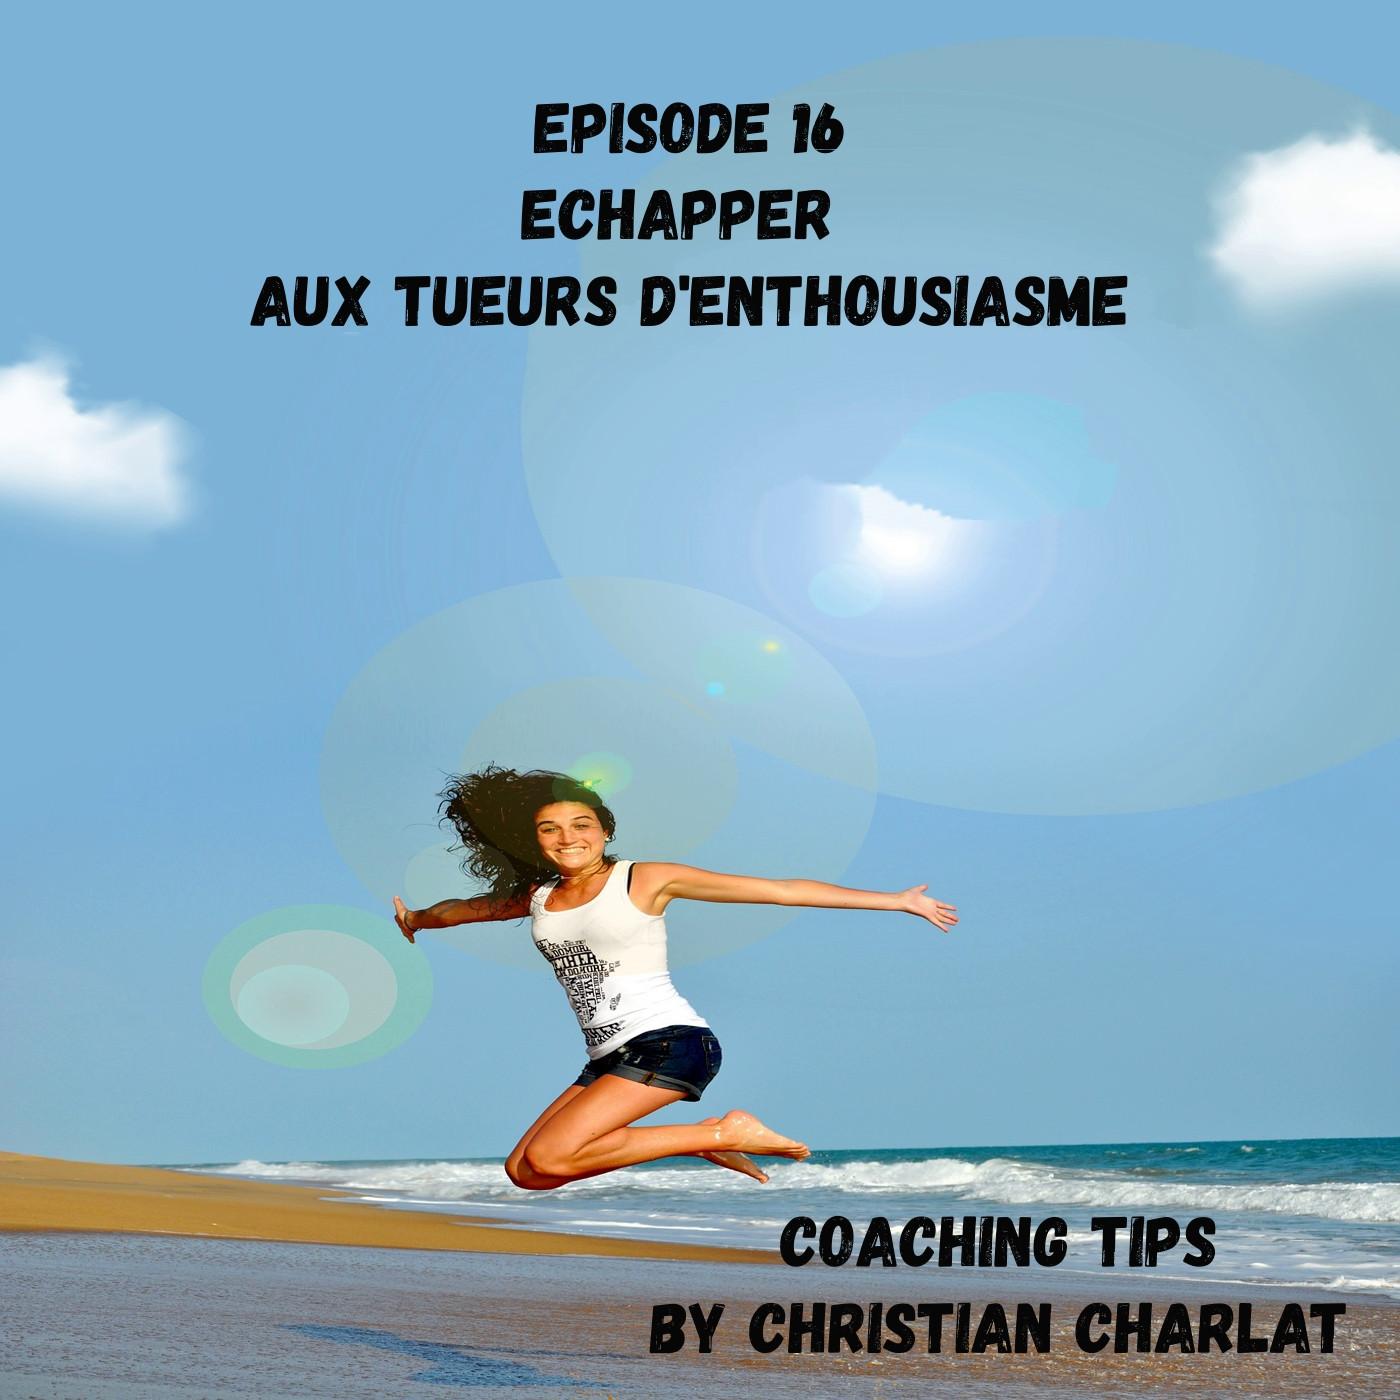 Episode 16 Echapper aux tueurs d'enthousiasme